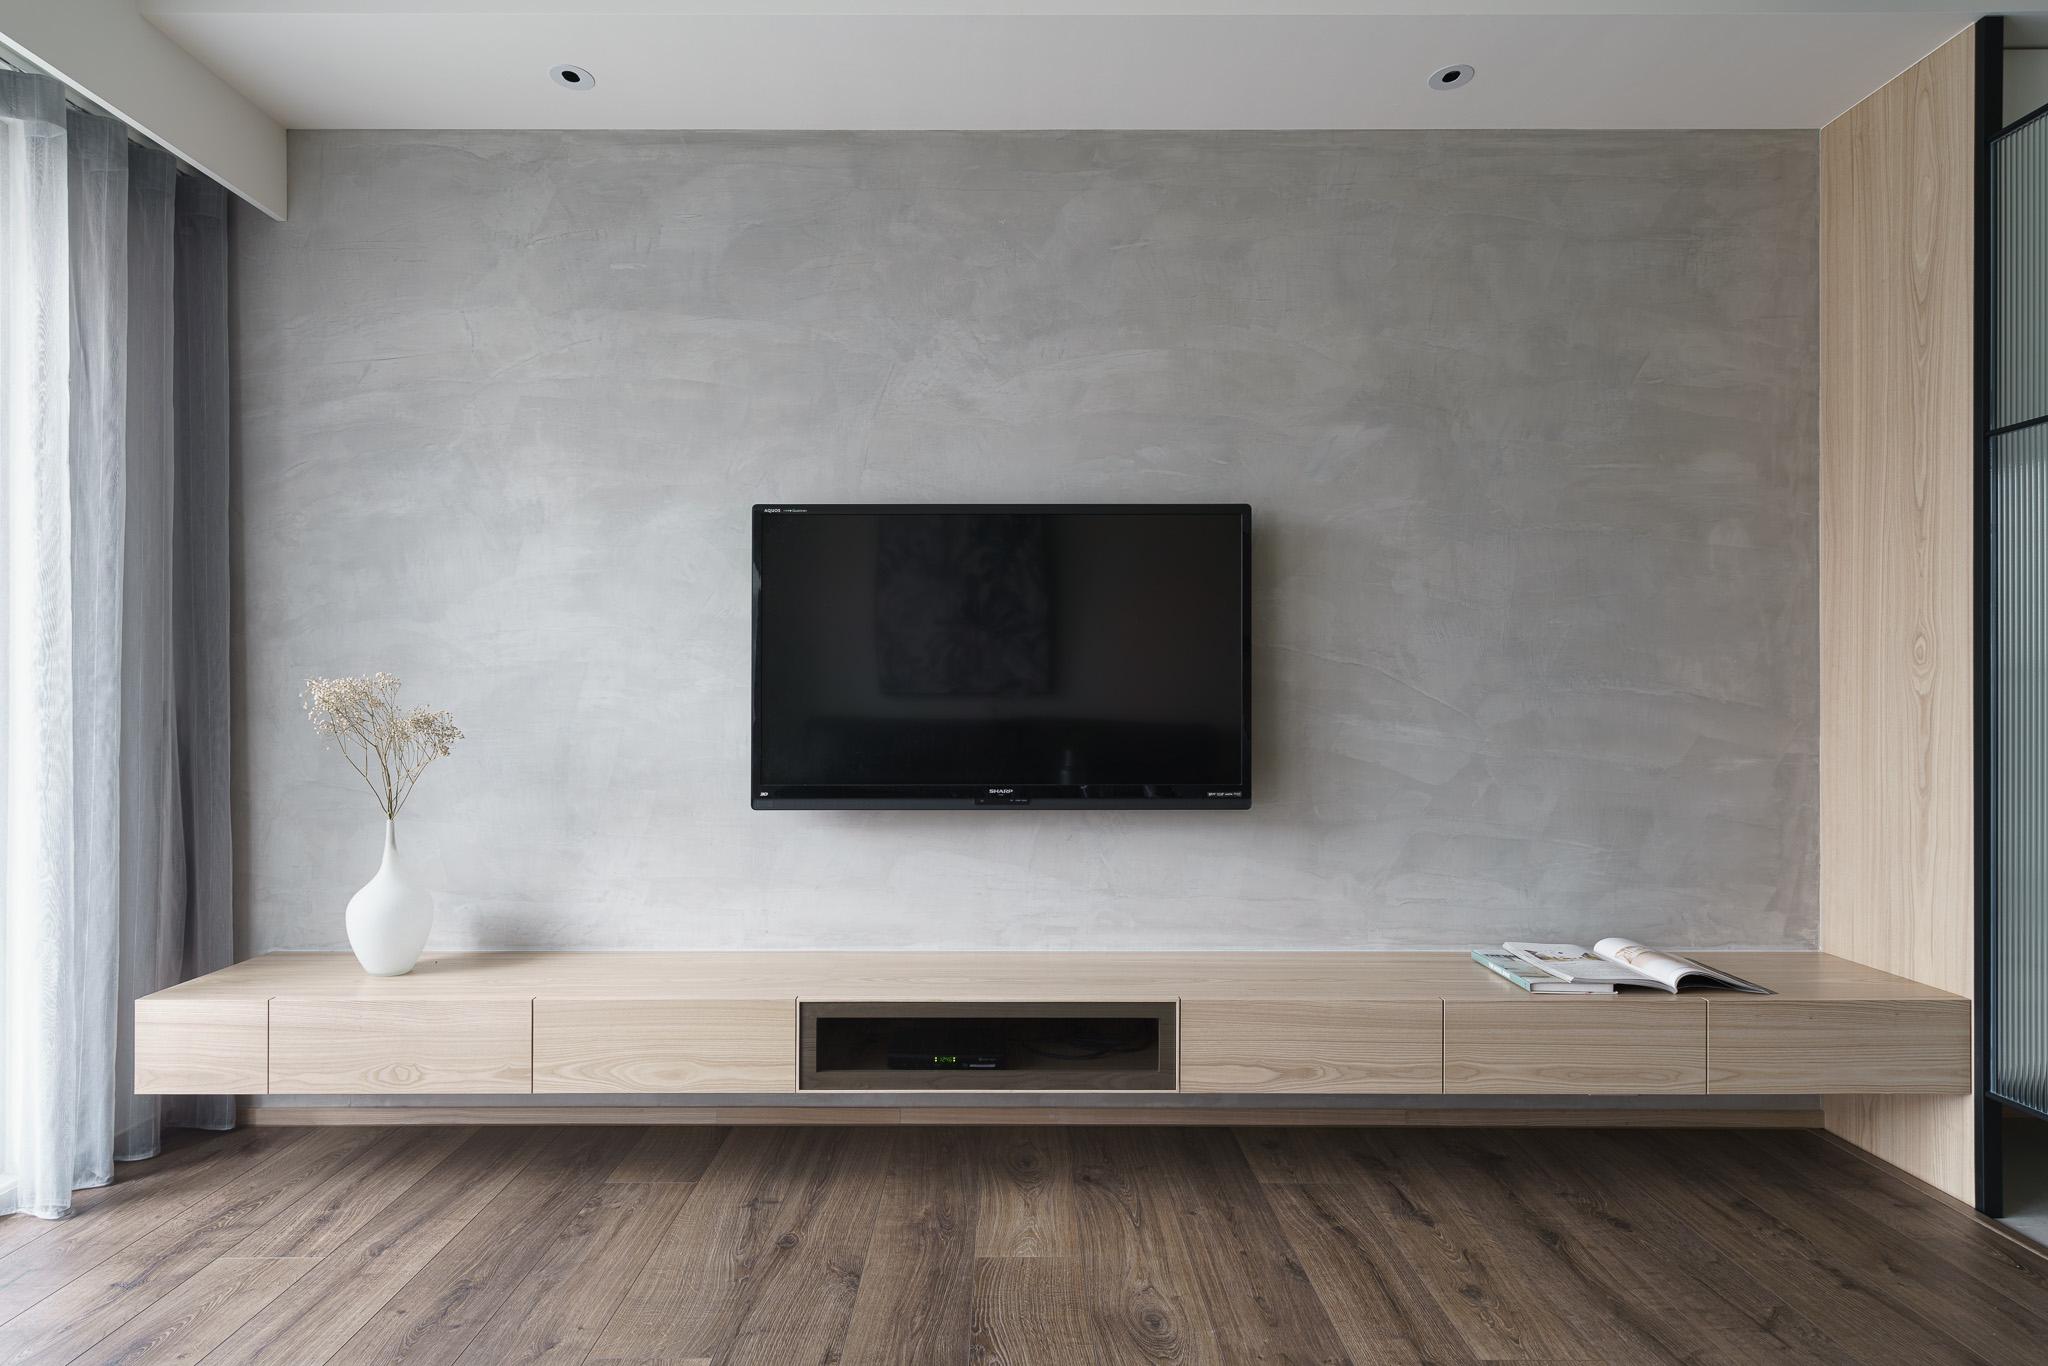 Kiến trúc sư tư vấn thiết kế căn hộ 50m² cho người trẻ độc thân với chi phí 134 triệu đồng - Ảnh 4.